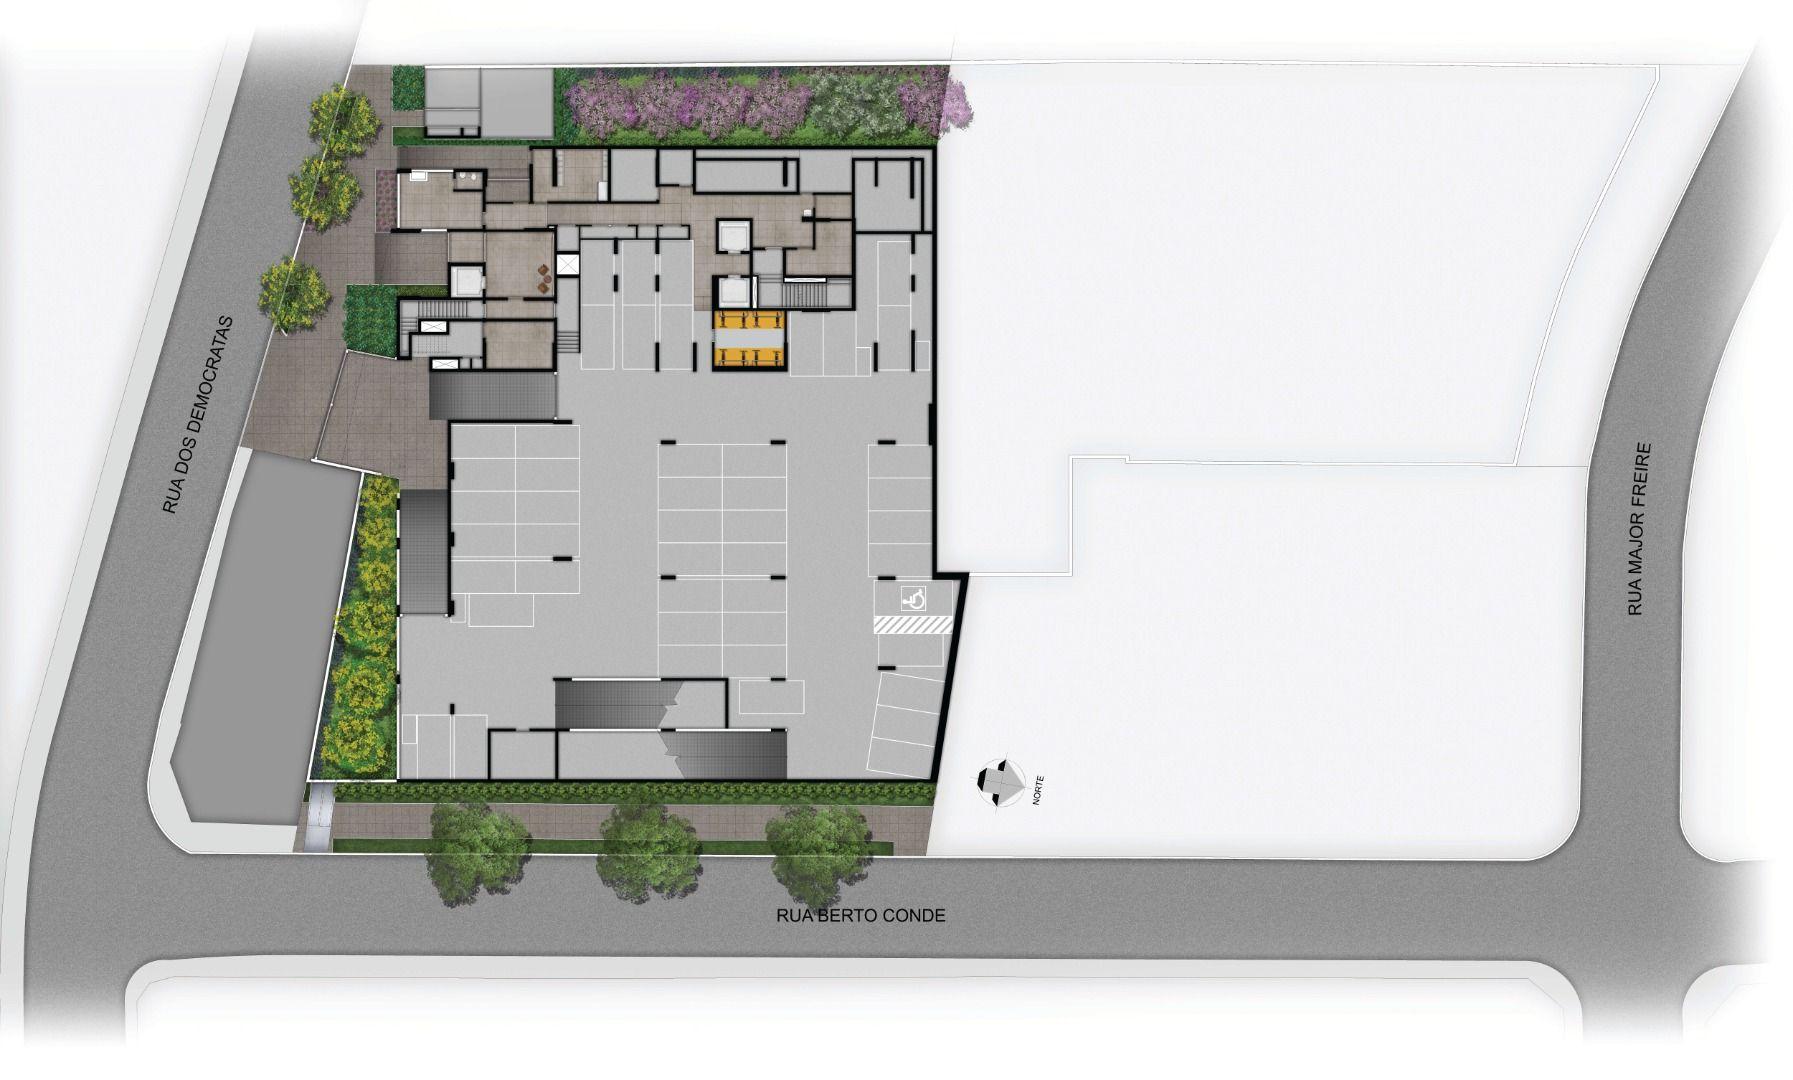 Planta do Modo Saúde. floorplan